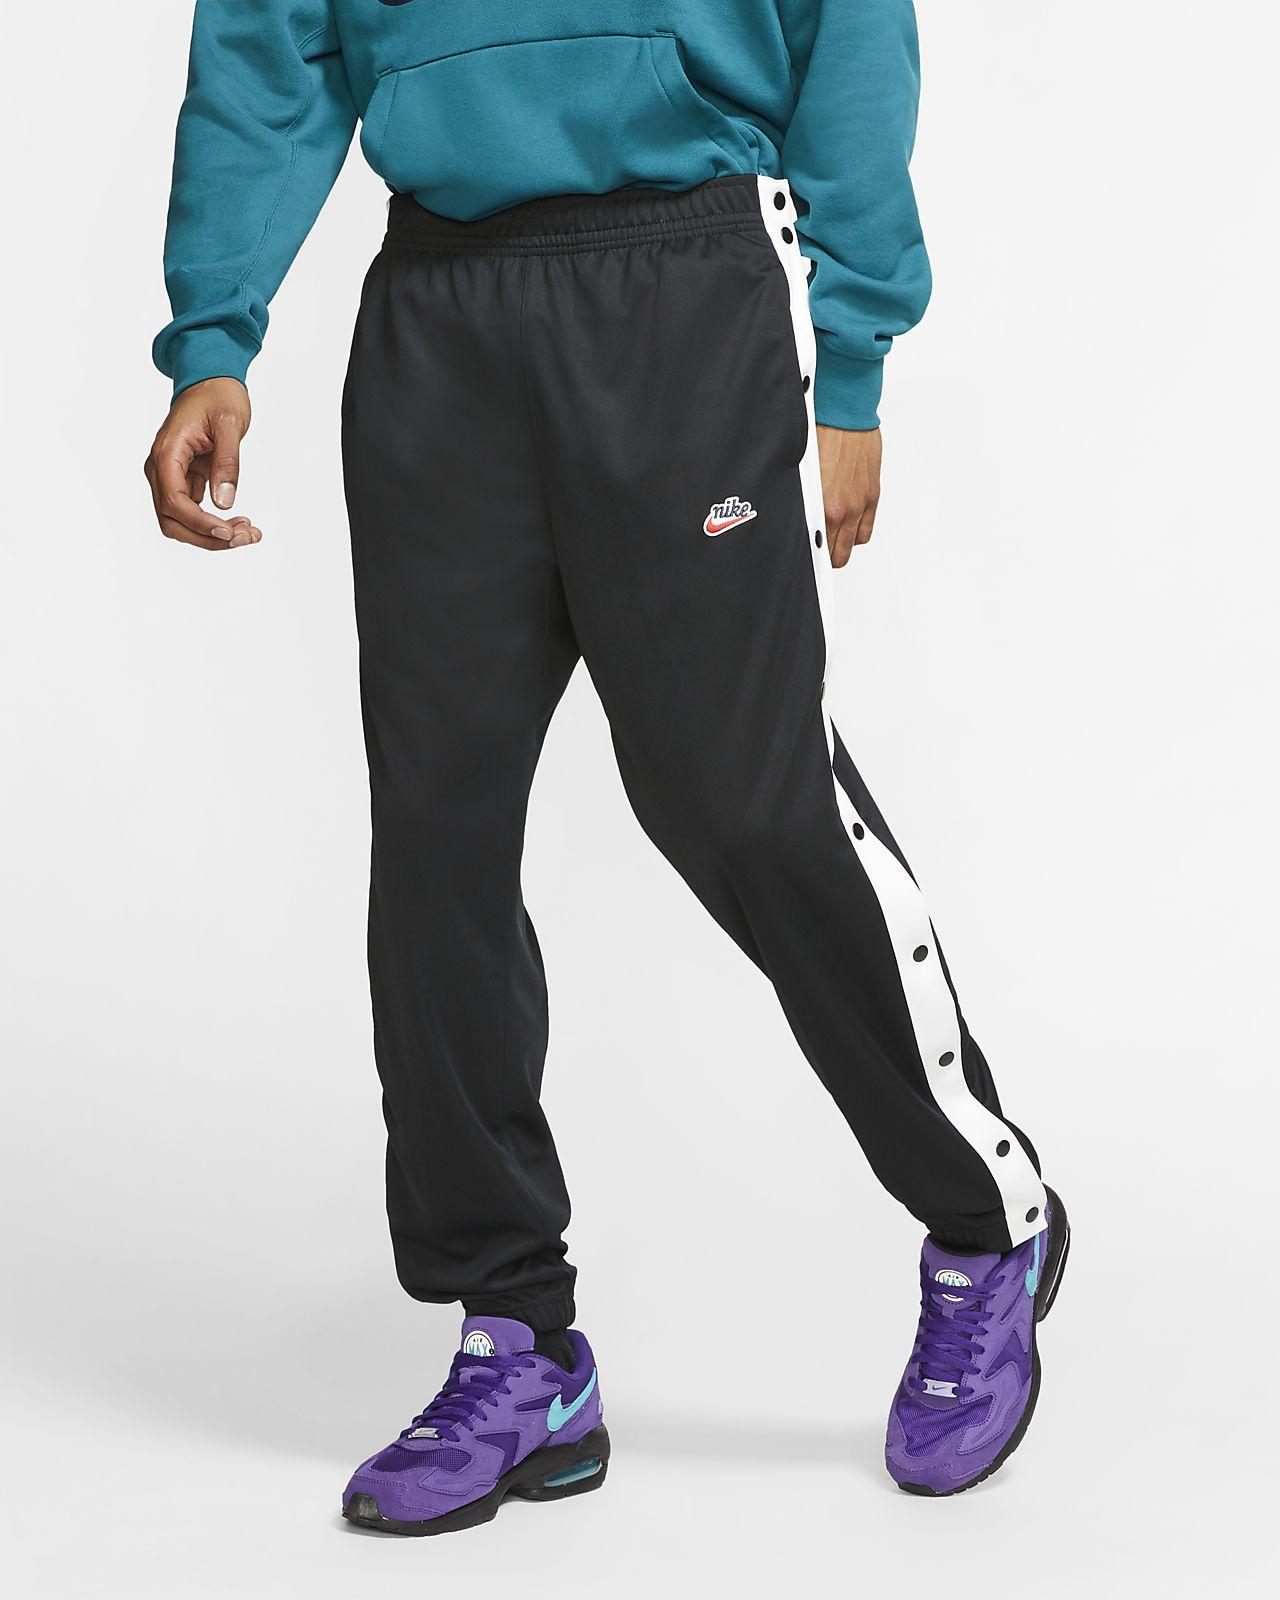 Nike Sportswear Herenbroek met drukknopen aan zijkant